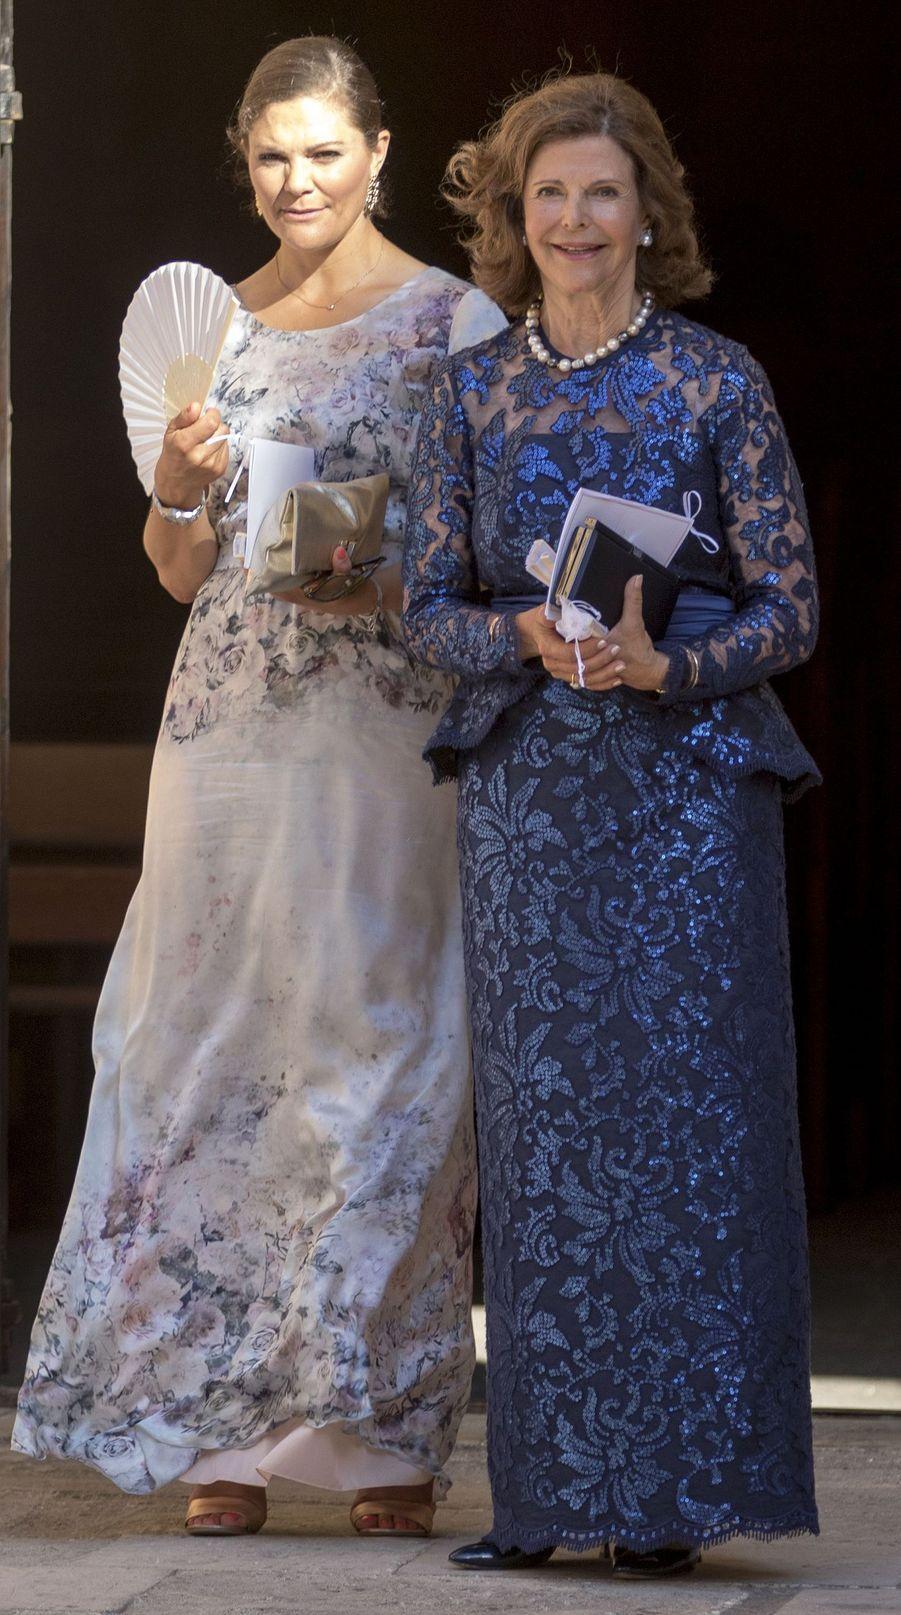 La princesse Victoria et la reine Silvia de Suède au mariage de leur nièce et cousine Helena Christina Sommerlath à Palma de Majorque, le 5 août 2017